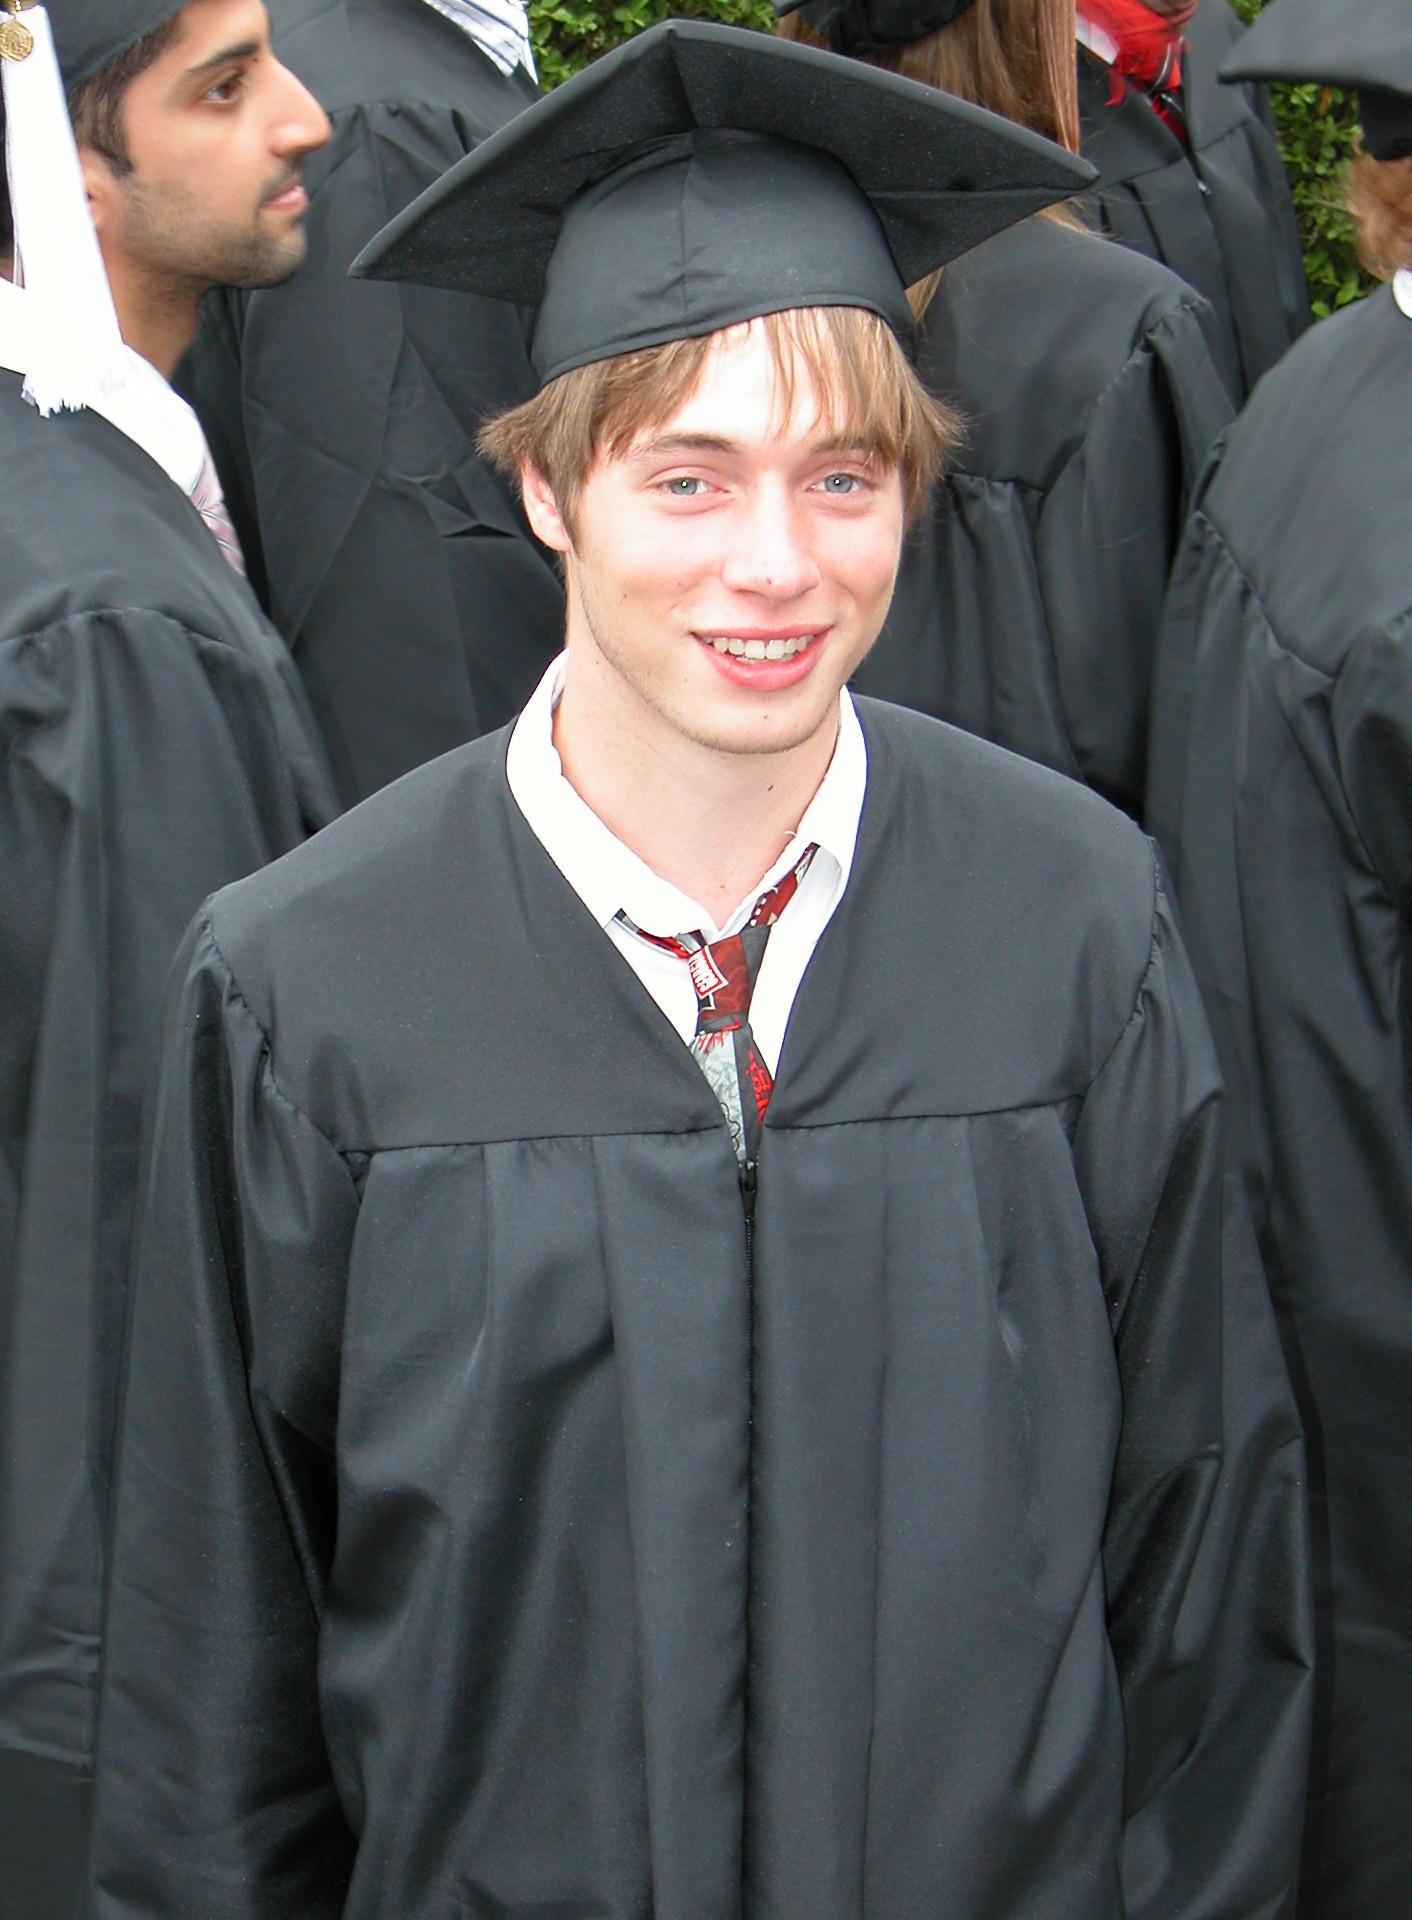 ian_2009_graduation_uga.jpg